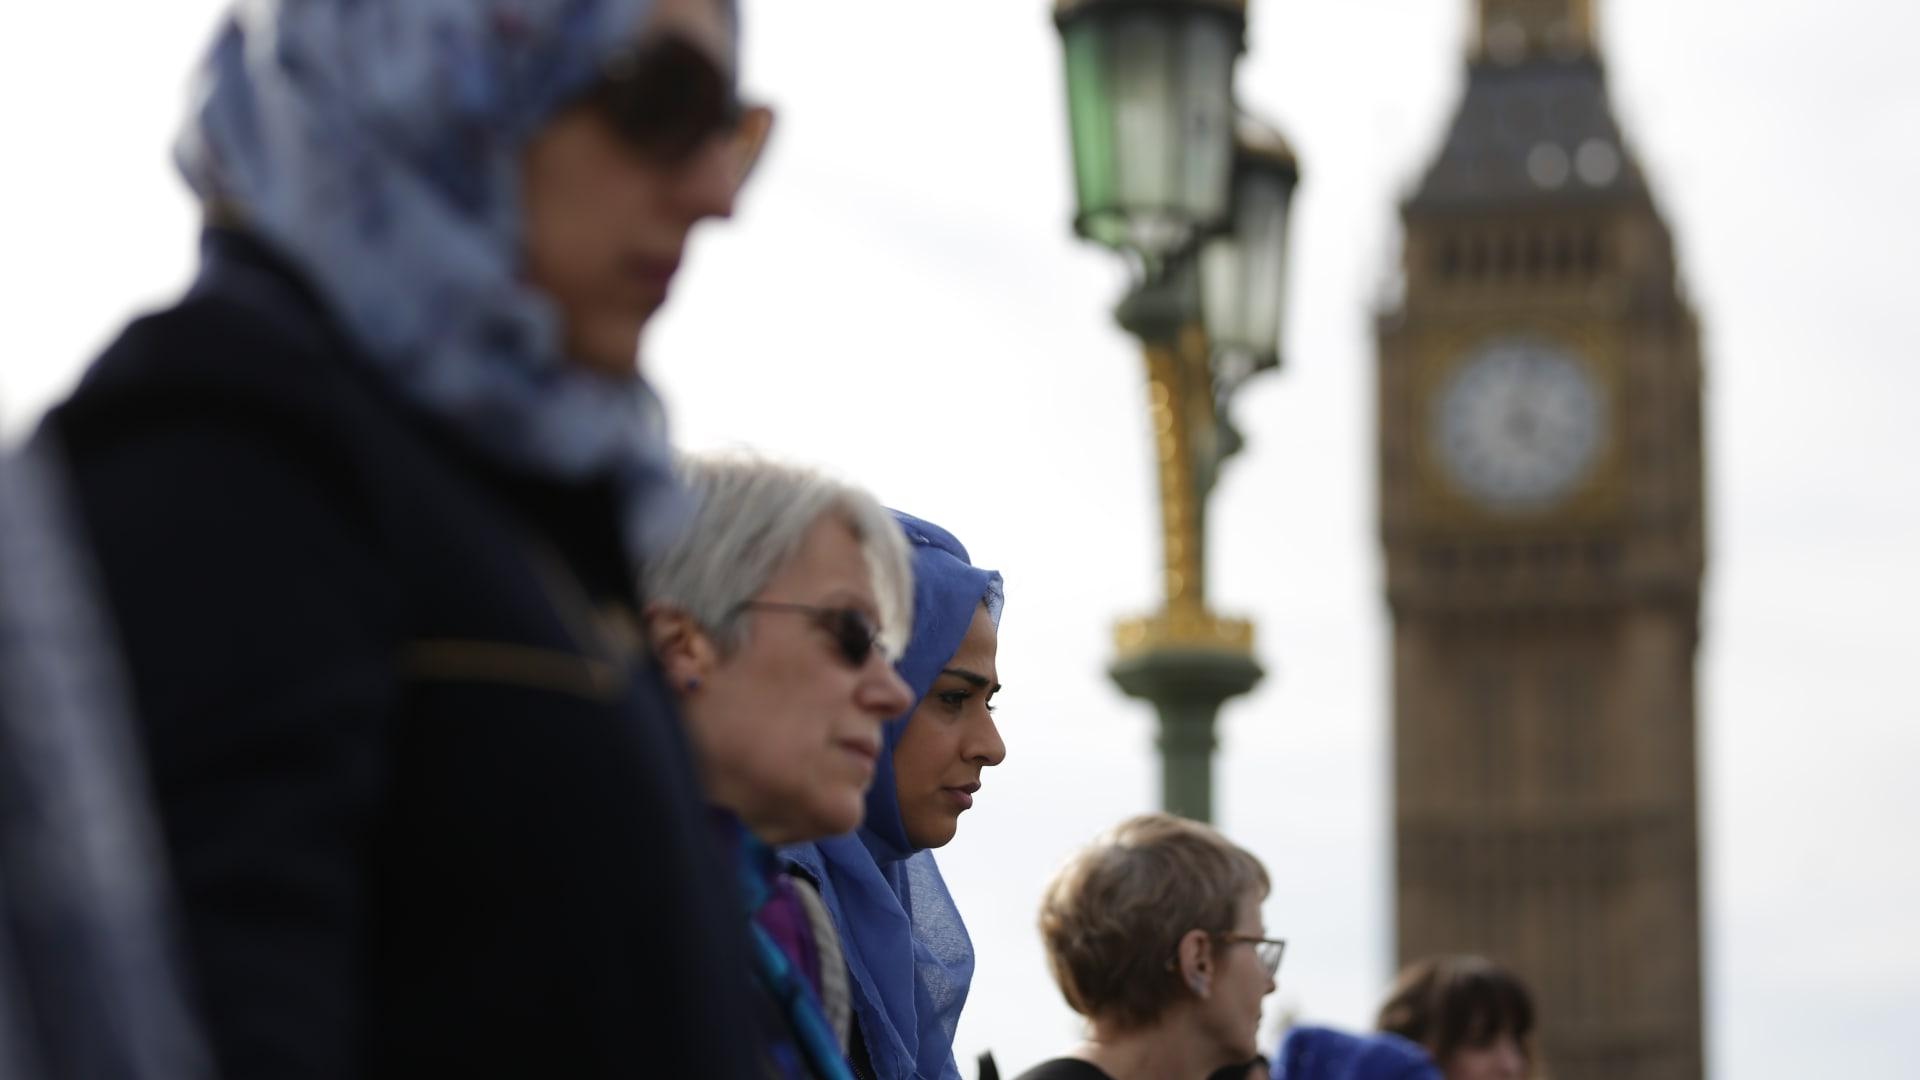 بالصور.. مسلمات بريطانيا في وقفة تضامنية مع ضحايا هجوم لندن